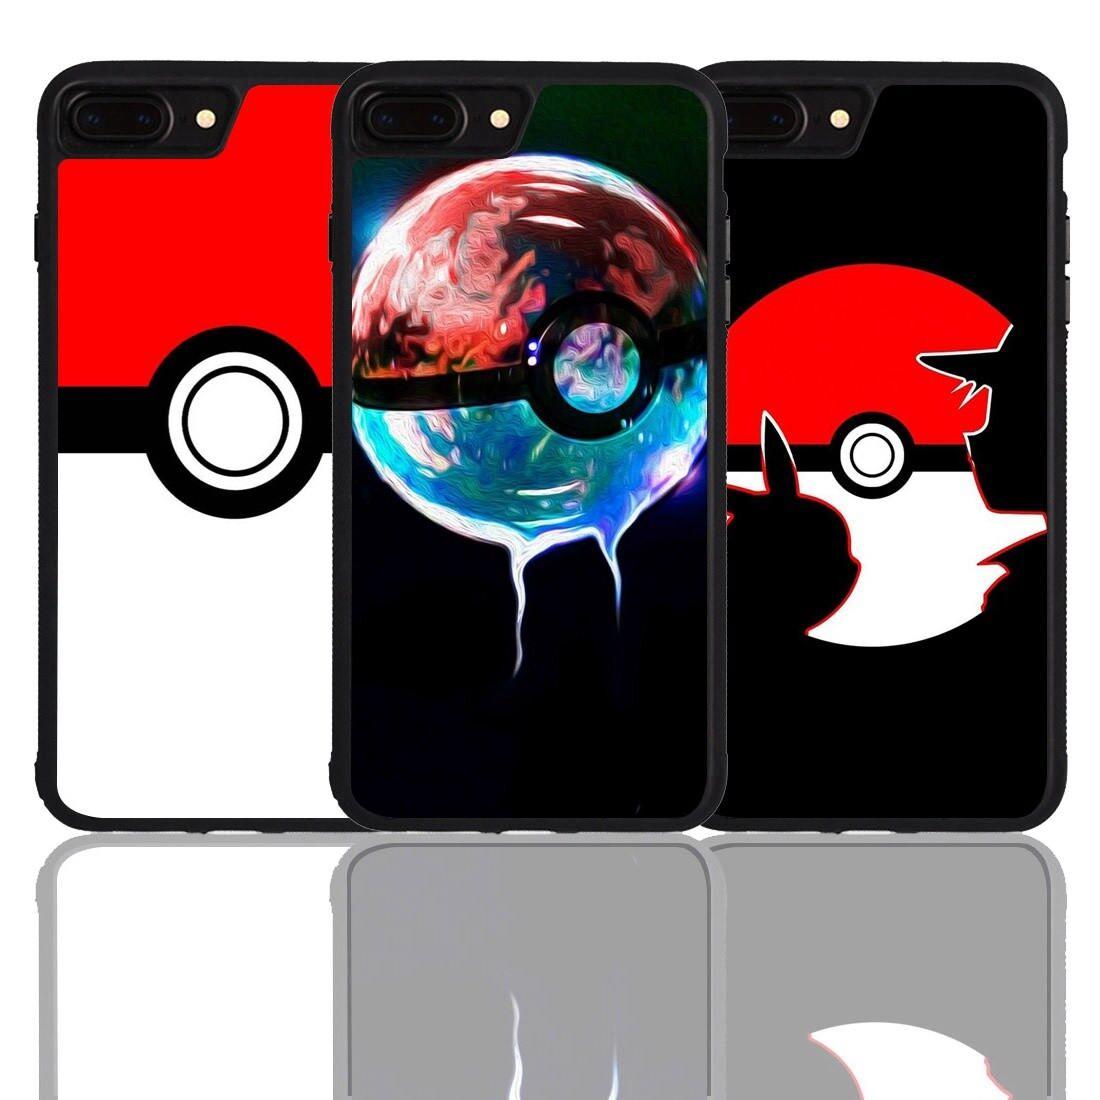 Pokemon monster iphone case